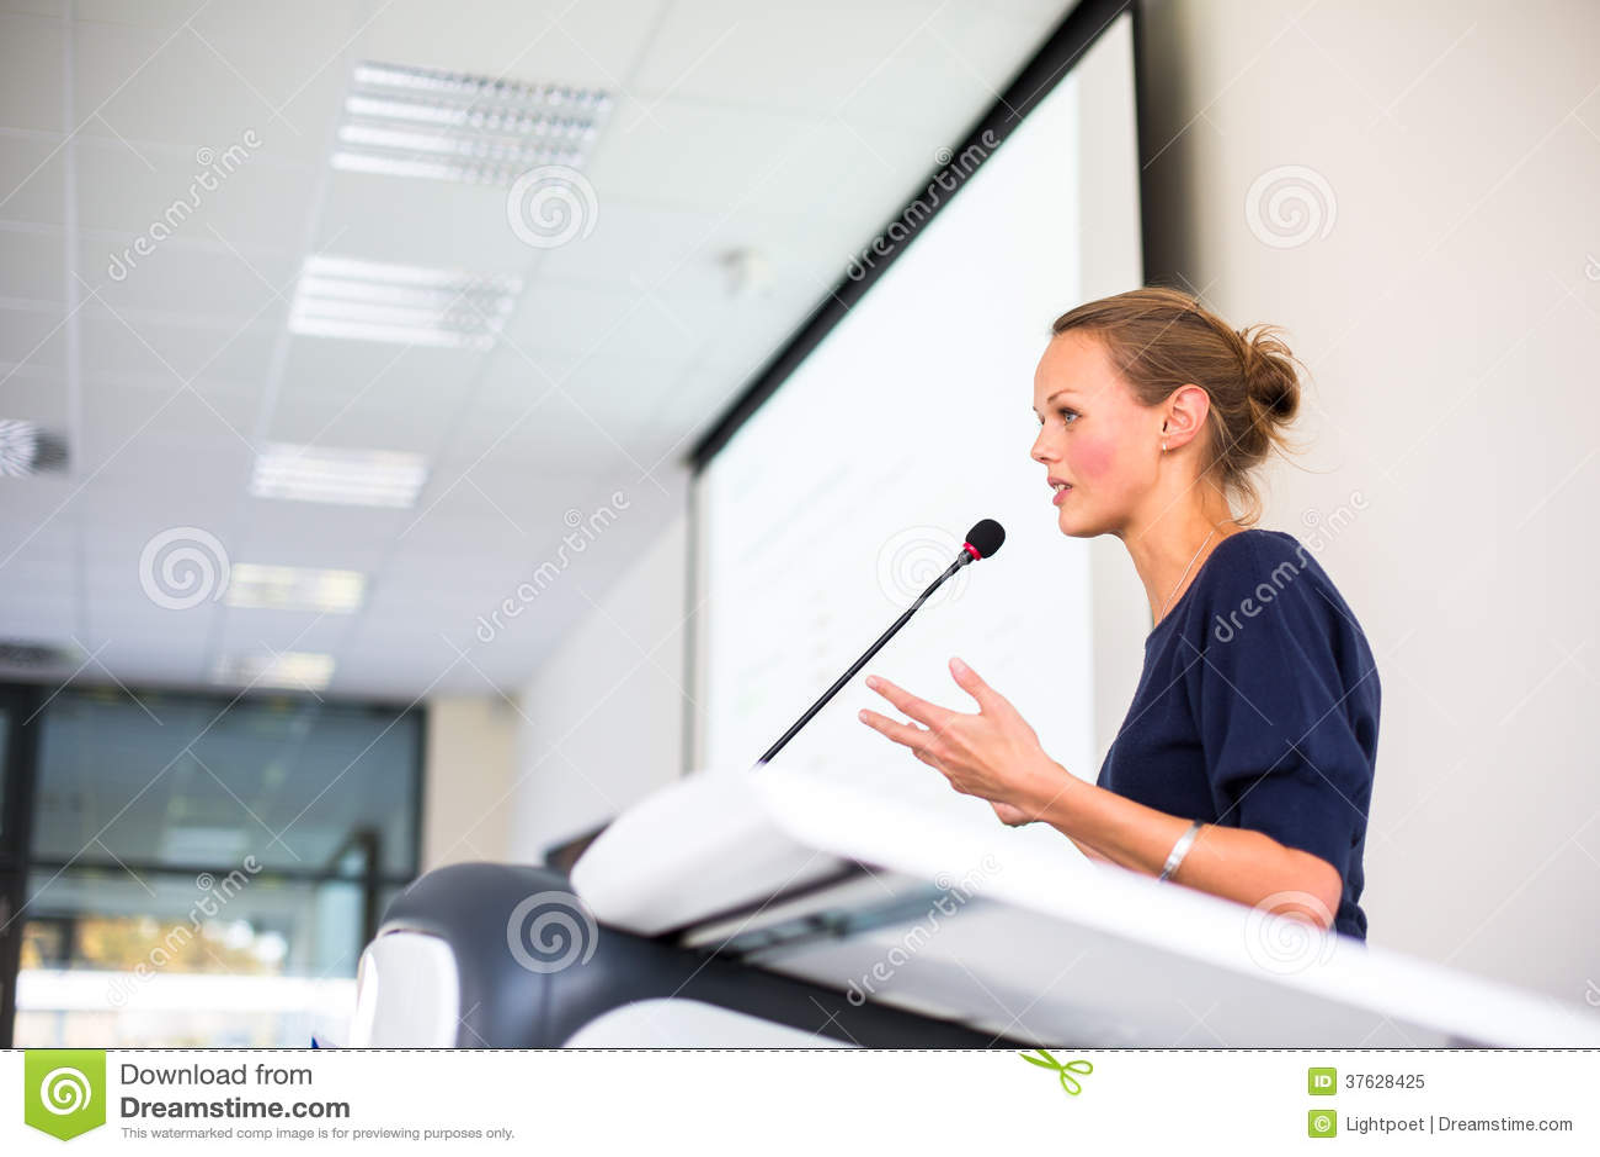 Mooie, jonge bedrijfsvrouw die een presentatie geven